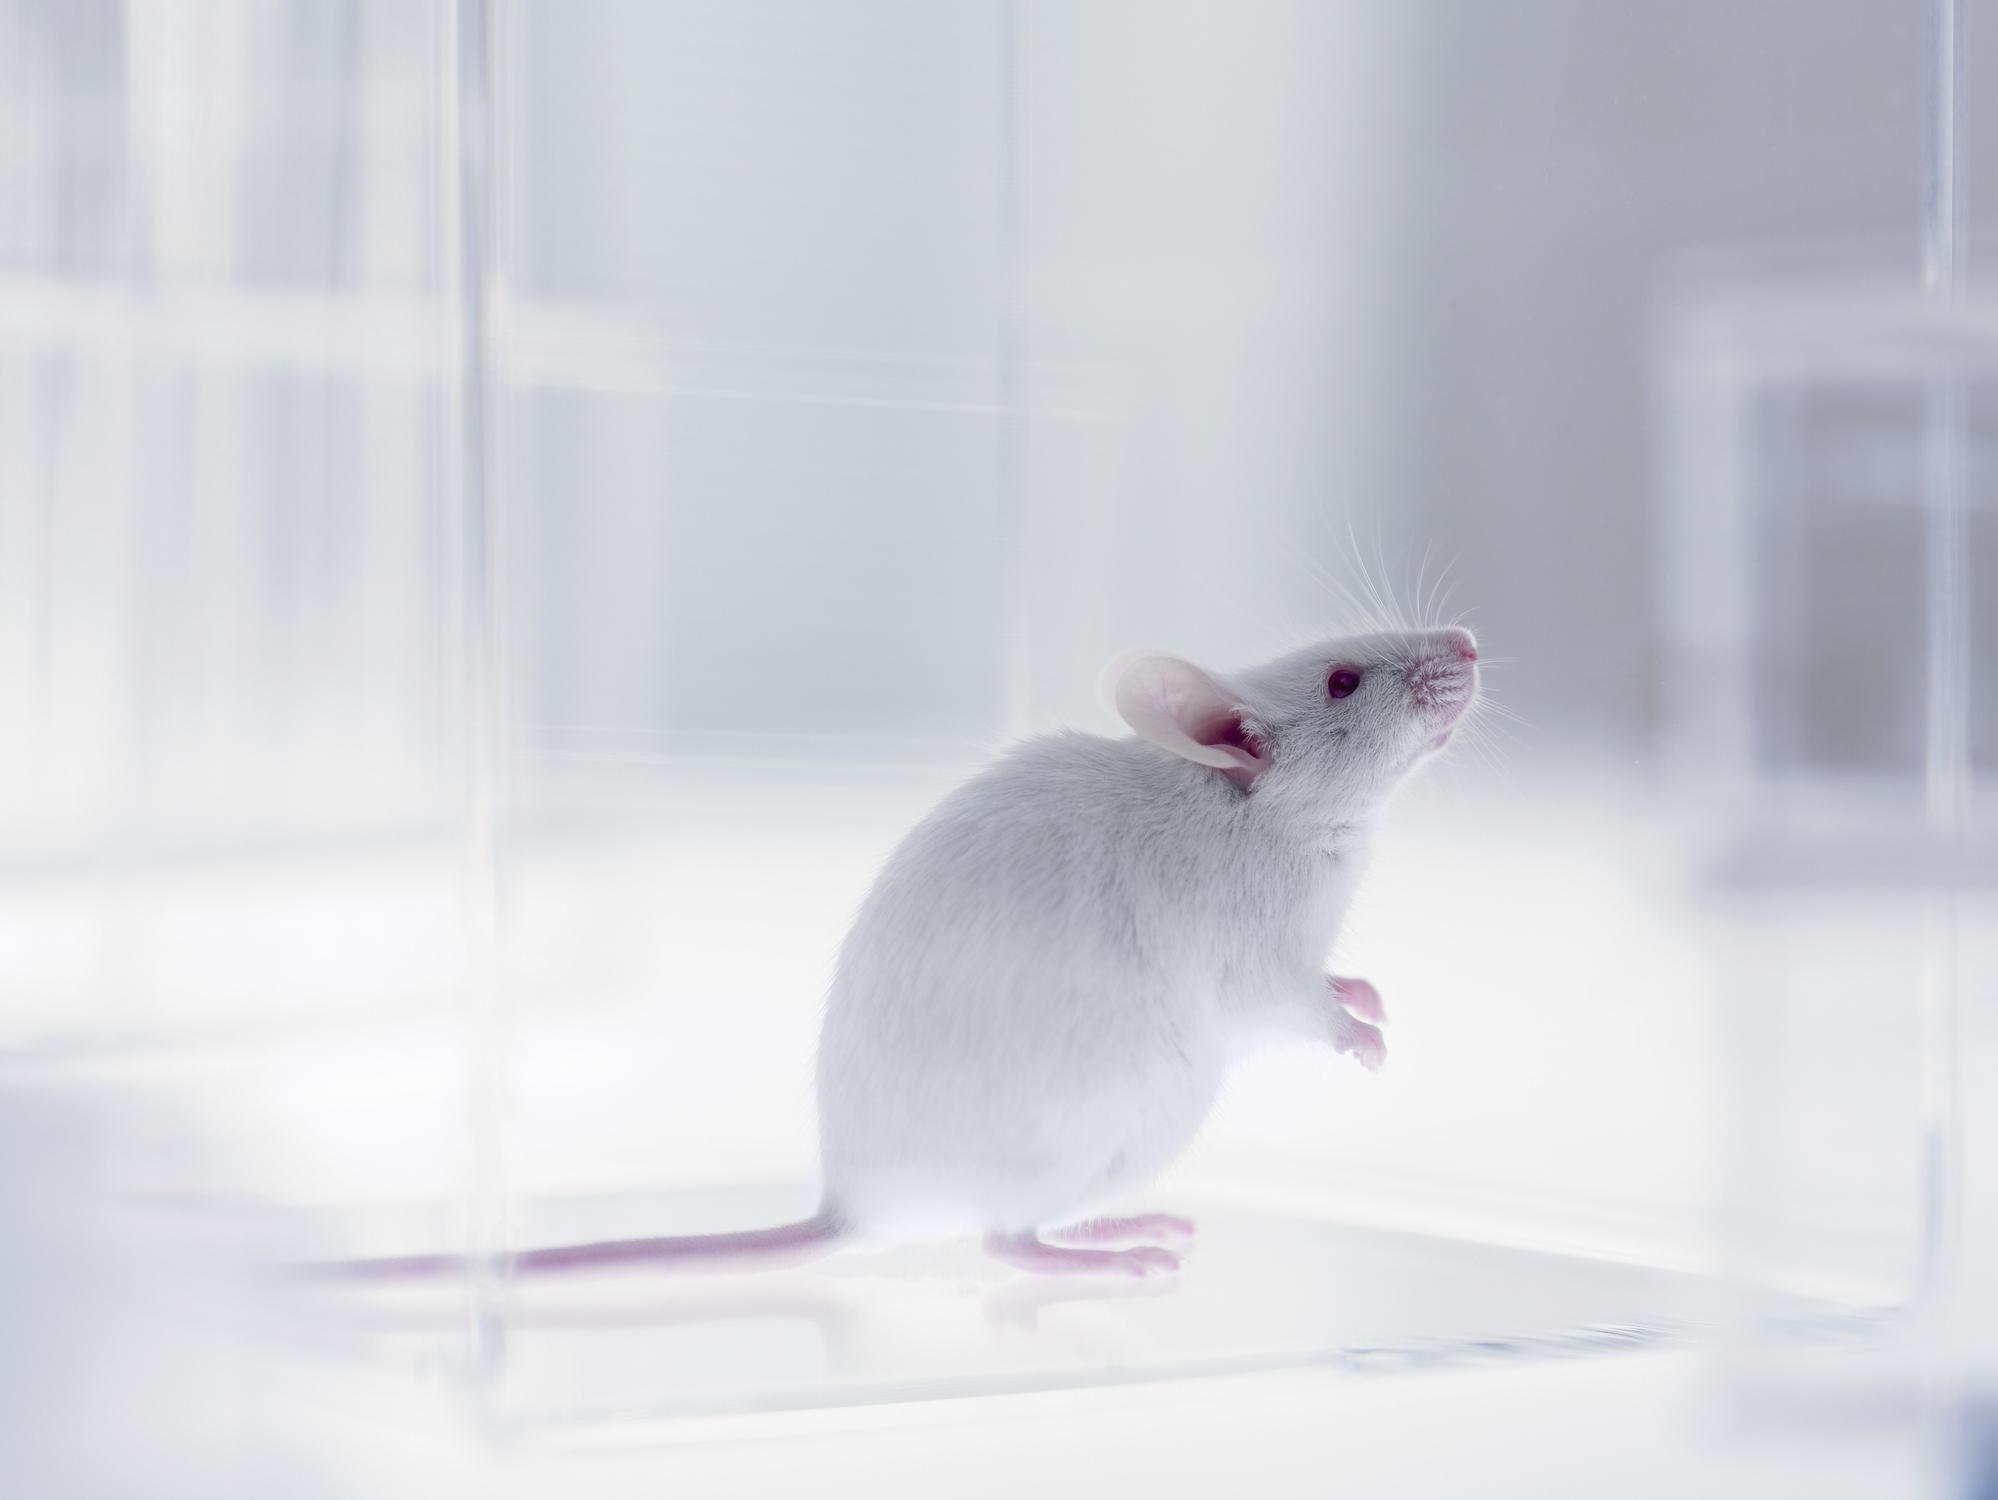 Studiu: Mamiferele pot respira prin anus în caz de urgență. De ce nu e o glumă și cum pot fi oamenii ajutați